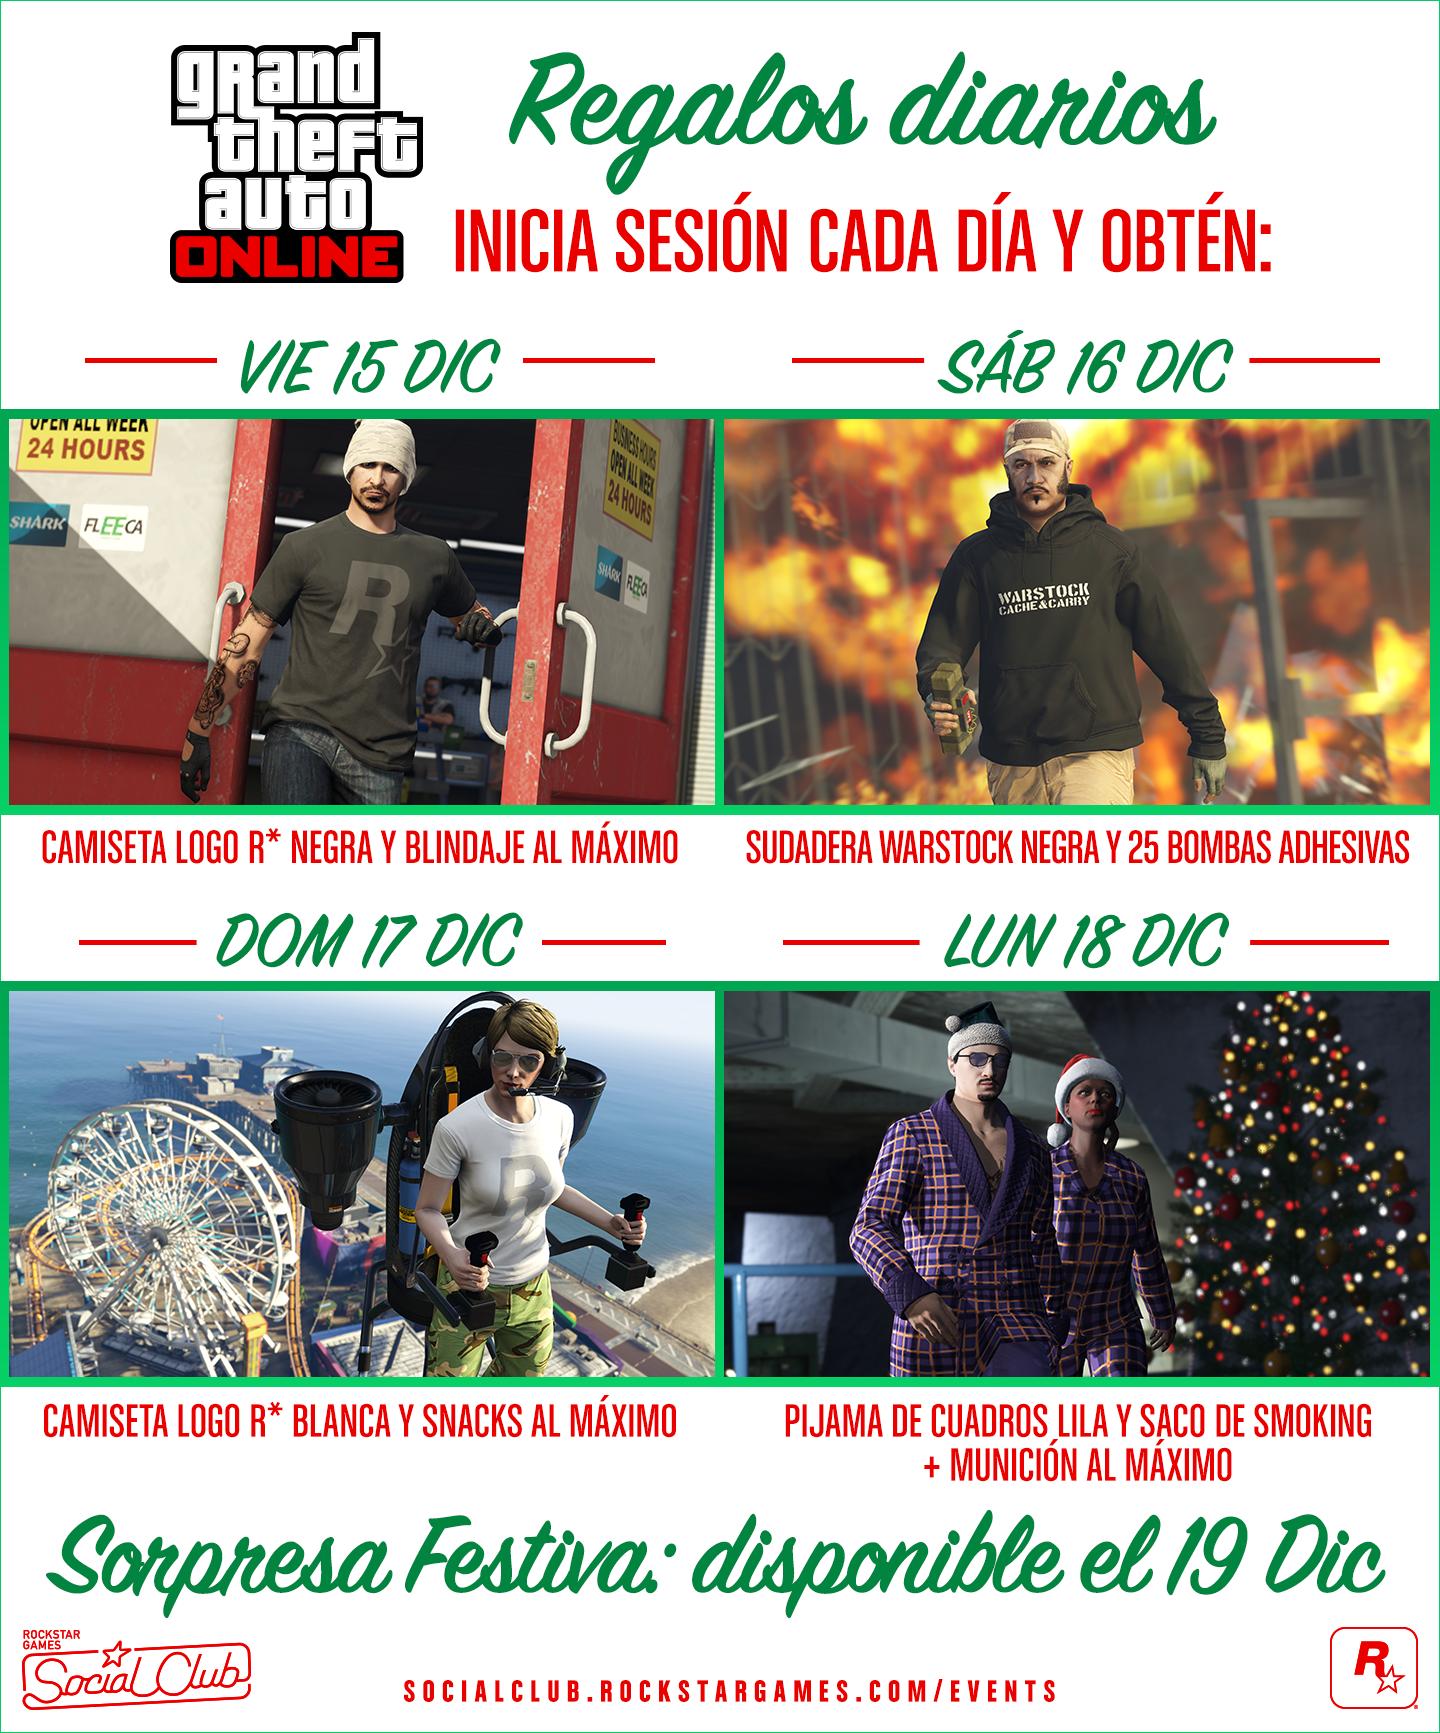 6491478f9 Cuenta regresiva para la Sorpresa Festiva de GTA Online con regalos diarios  - Rockstar Games